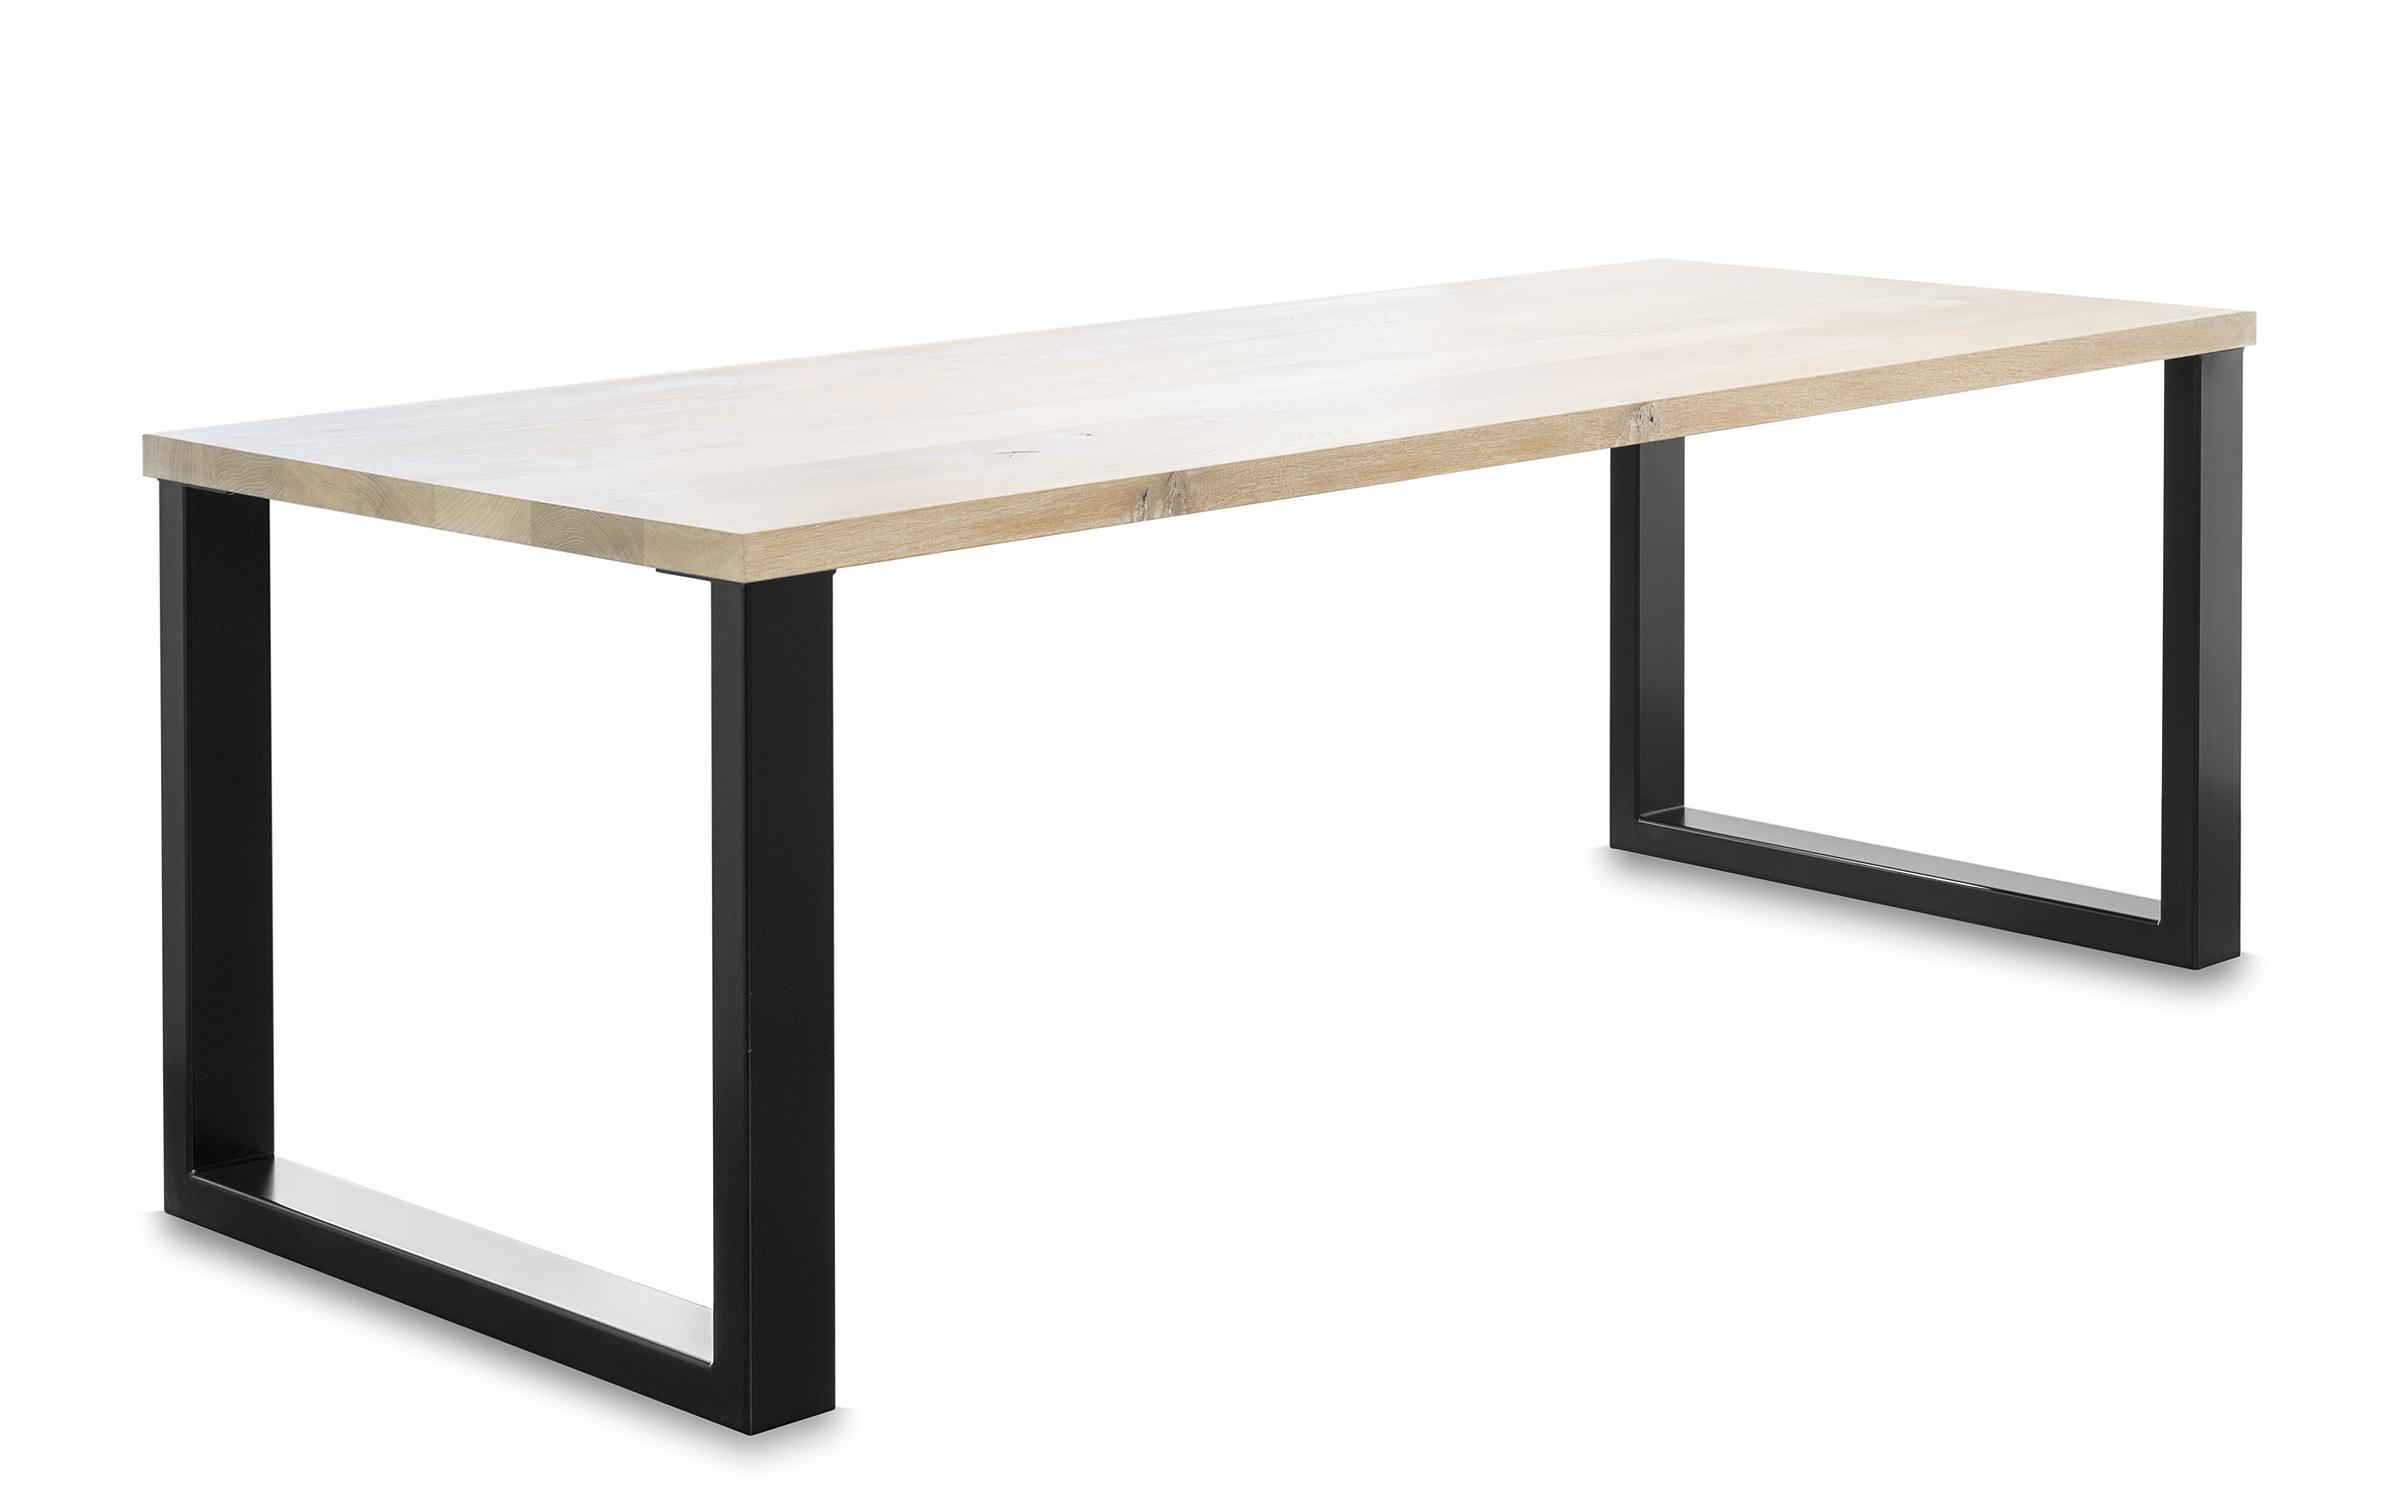 Industriele tafel met eiken blad bert harmens for Hillen interieur